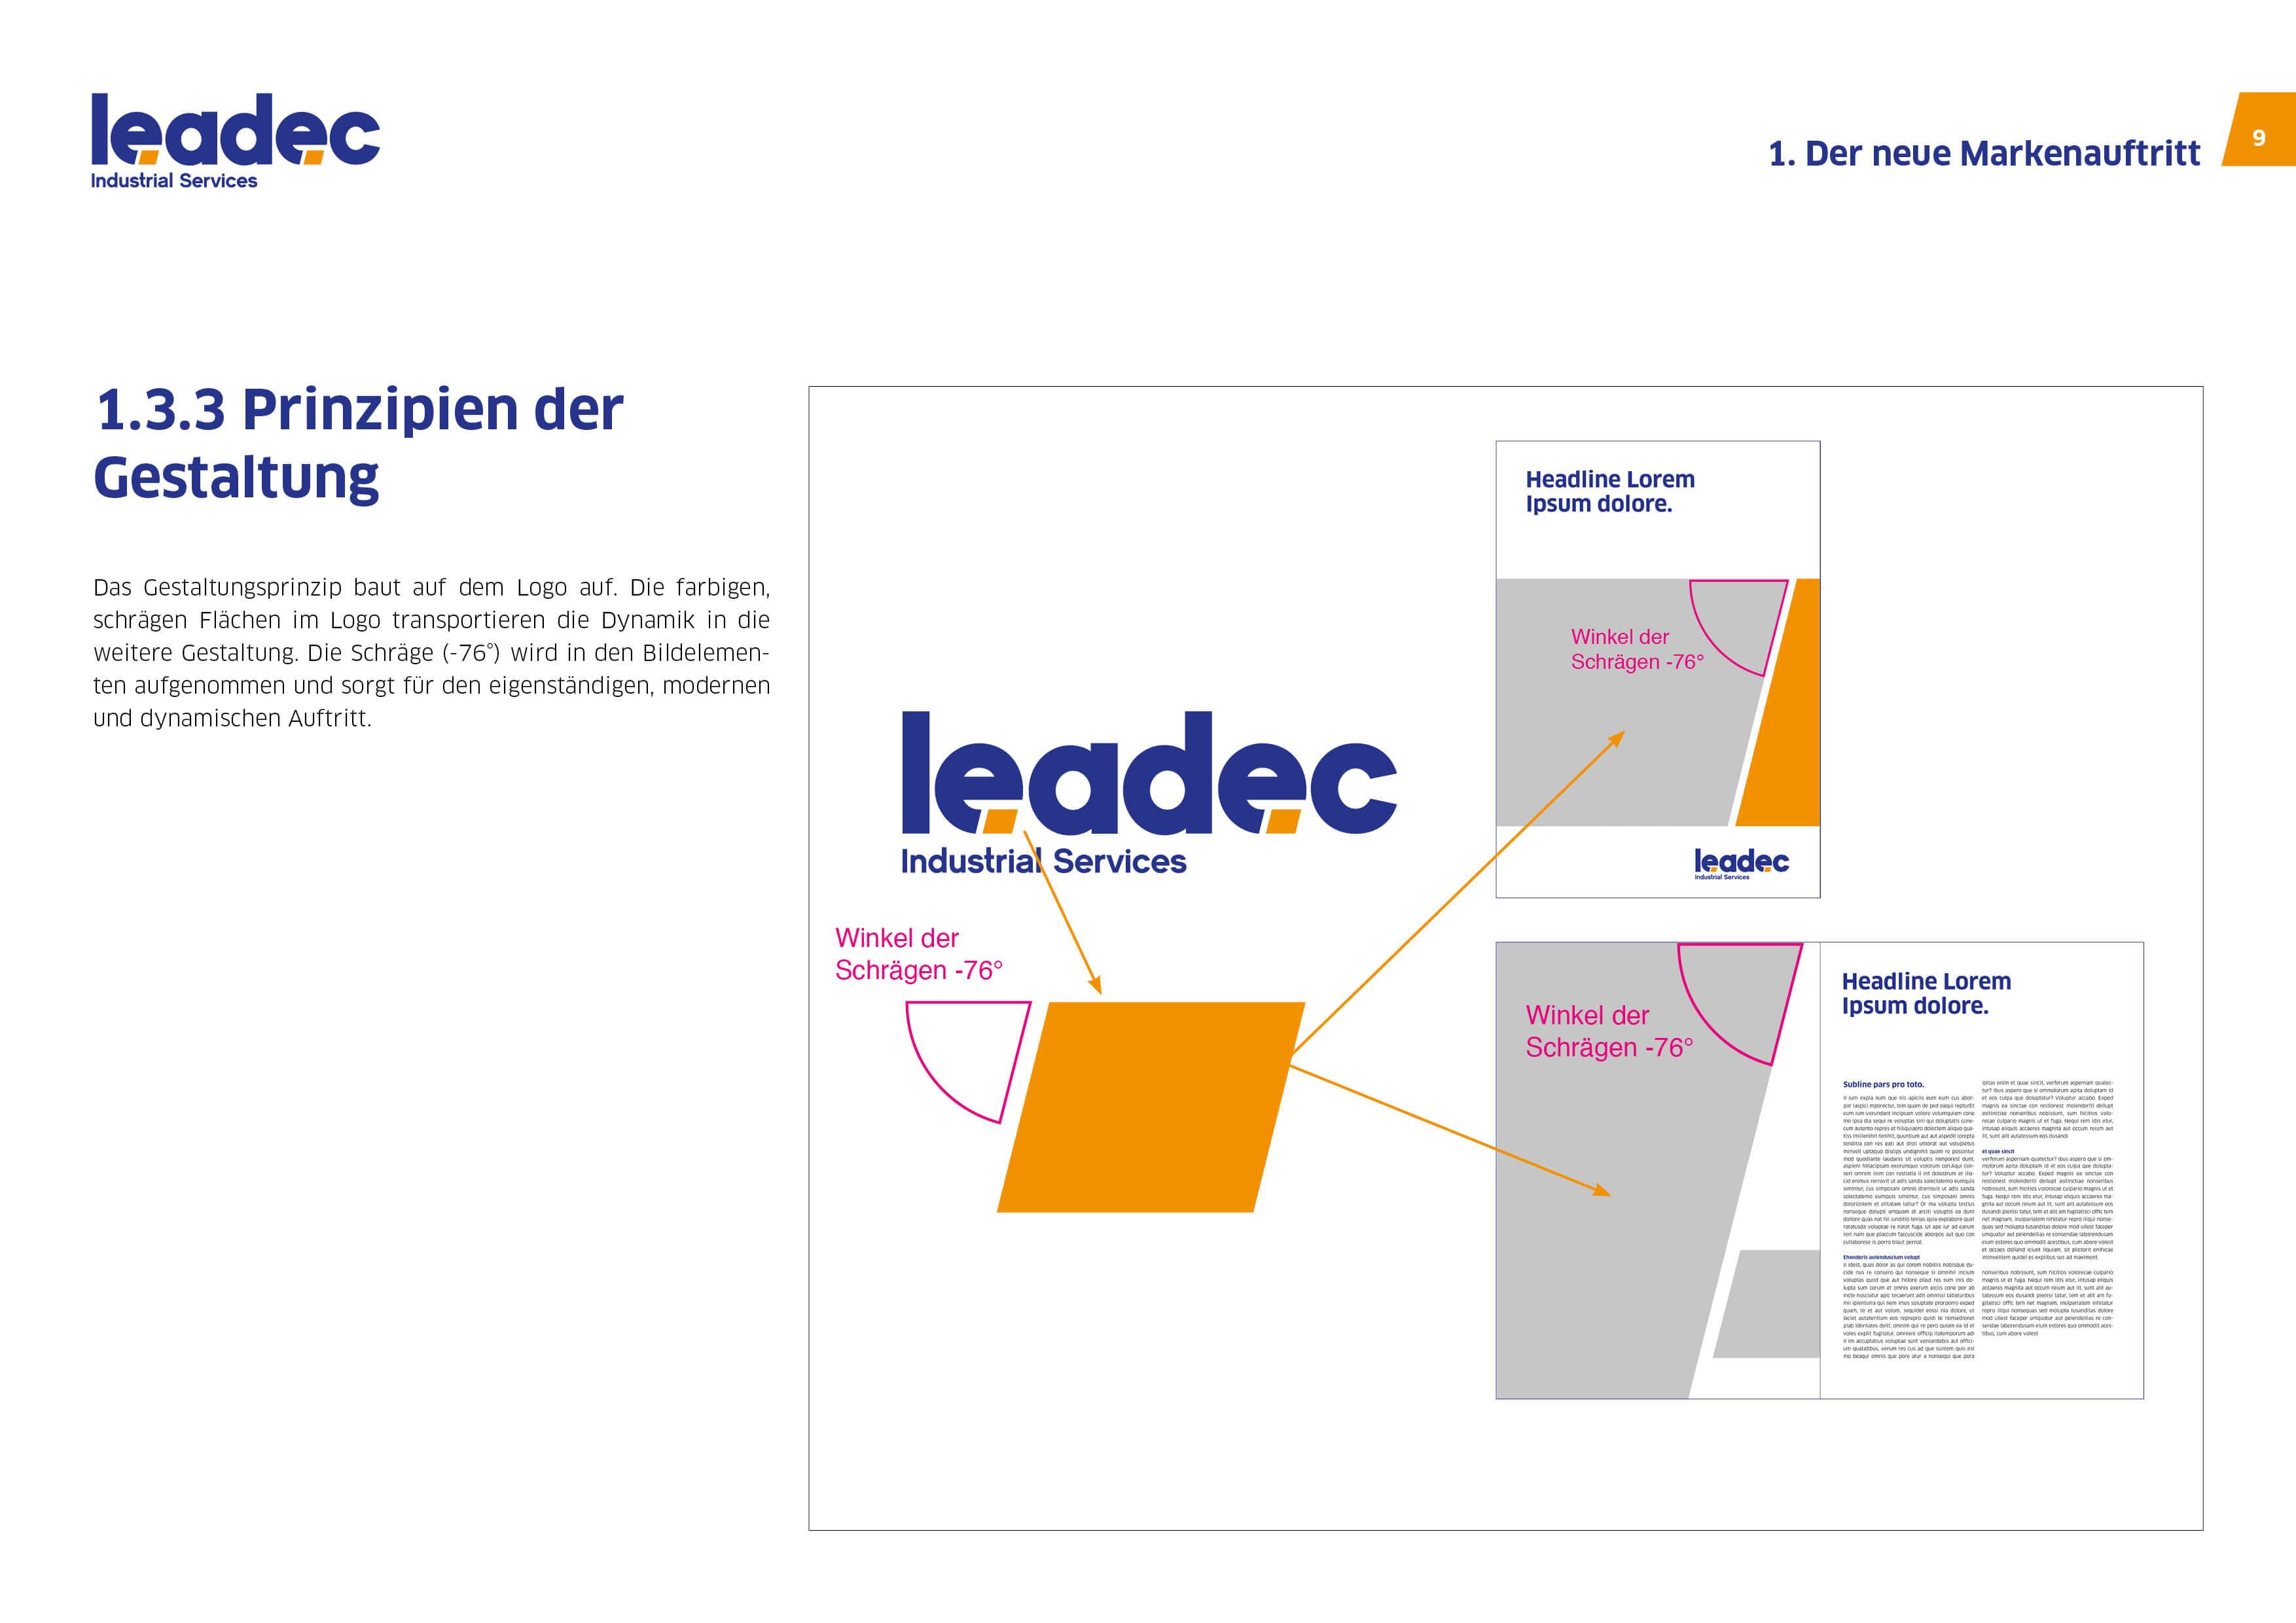 KloseDetering Werbeagentur   Leadec Brand Relaunch